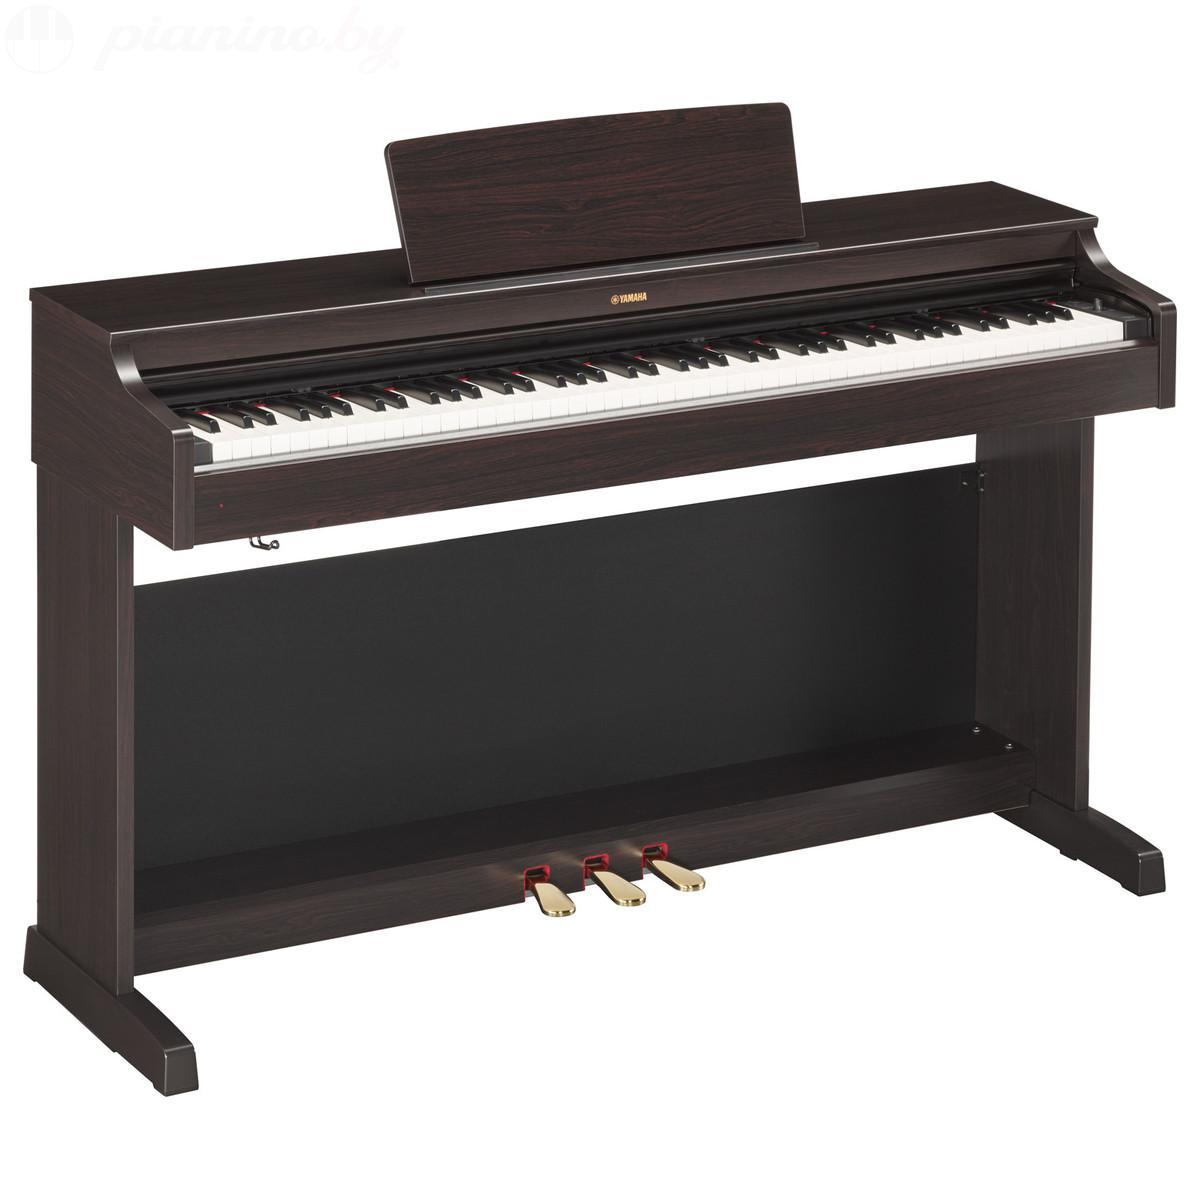 Цифровое пианино Yamaha Arius YDP-163 Rosewood